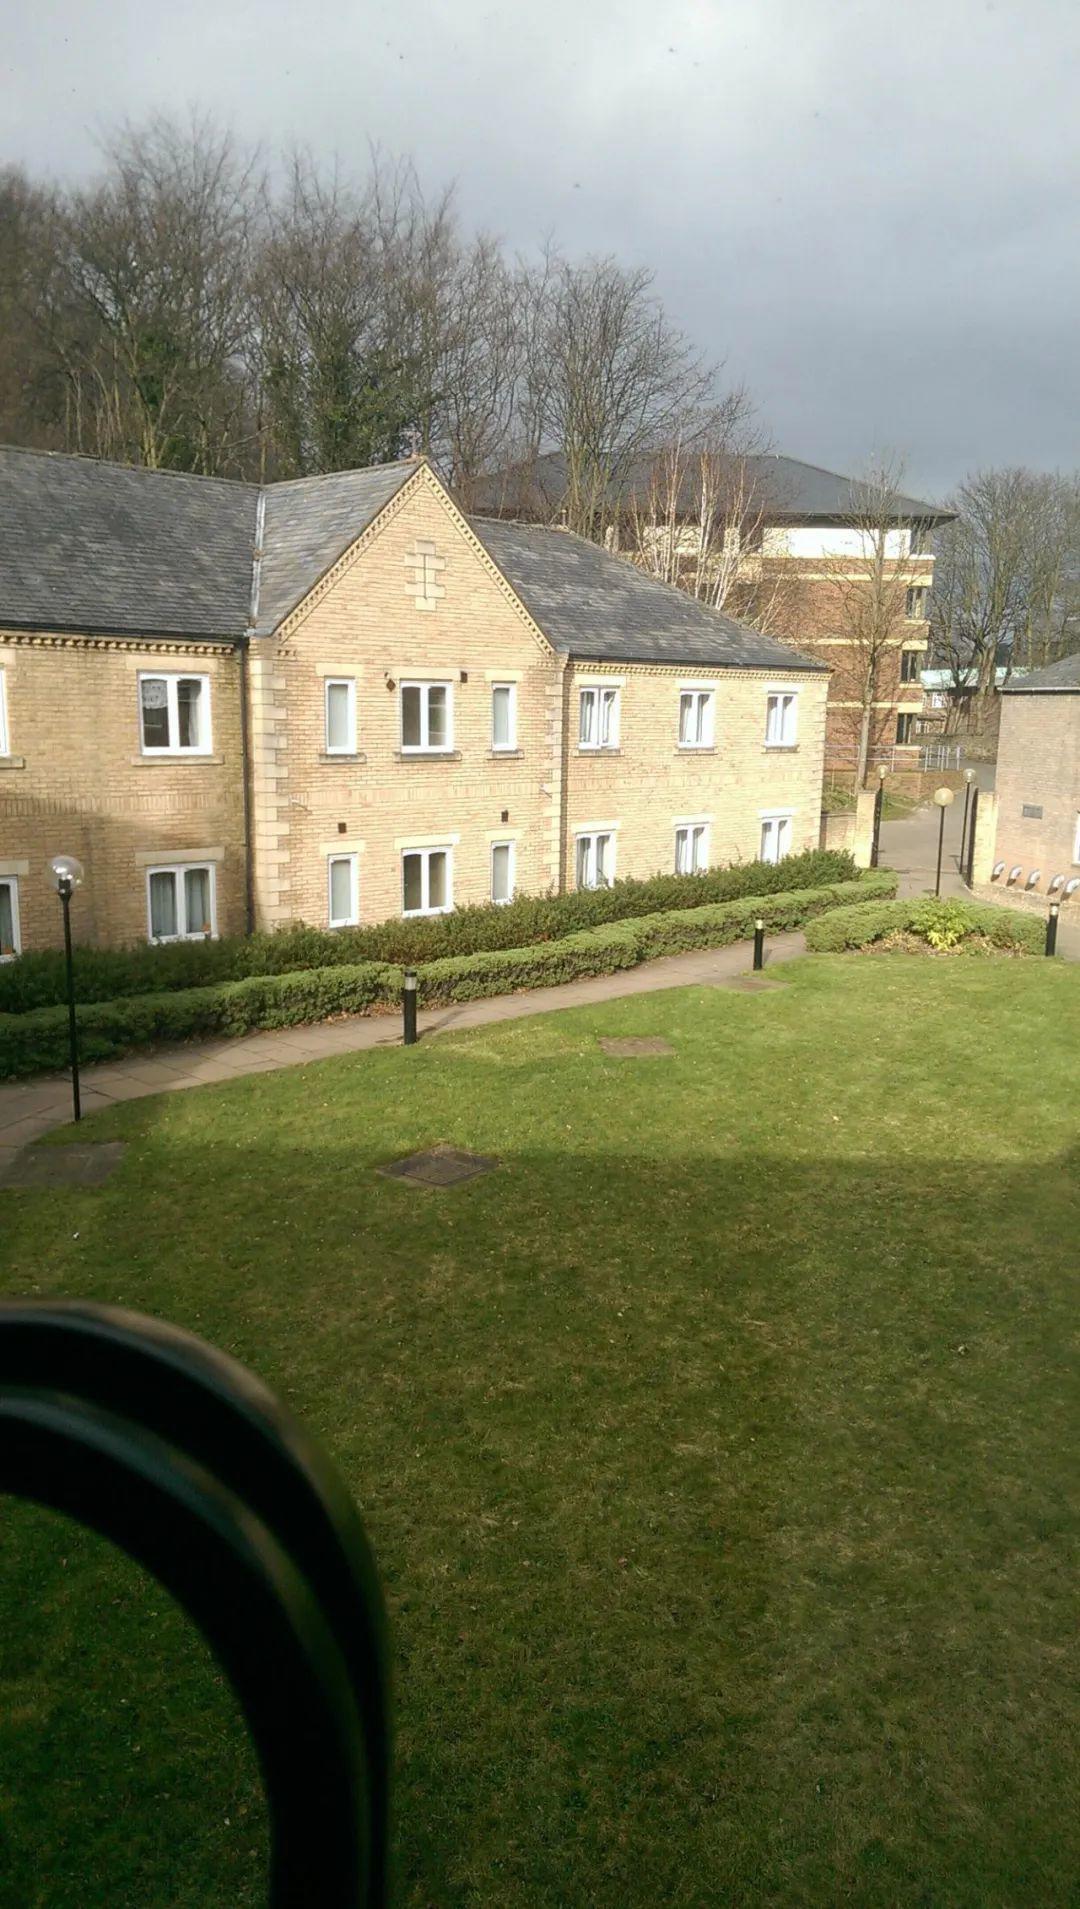 不P图也不开滤镜,看看英国大学宿舍里的真实颜值(第二季)  英国留学 第15张